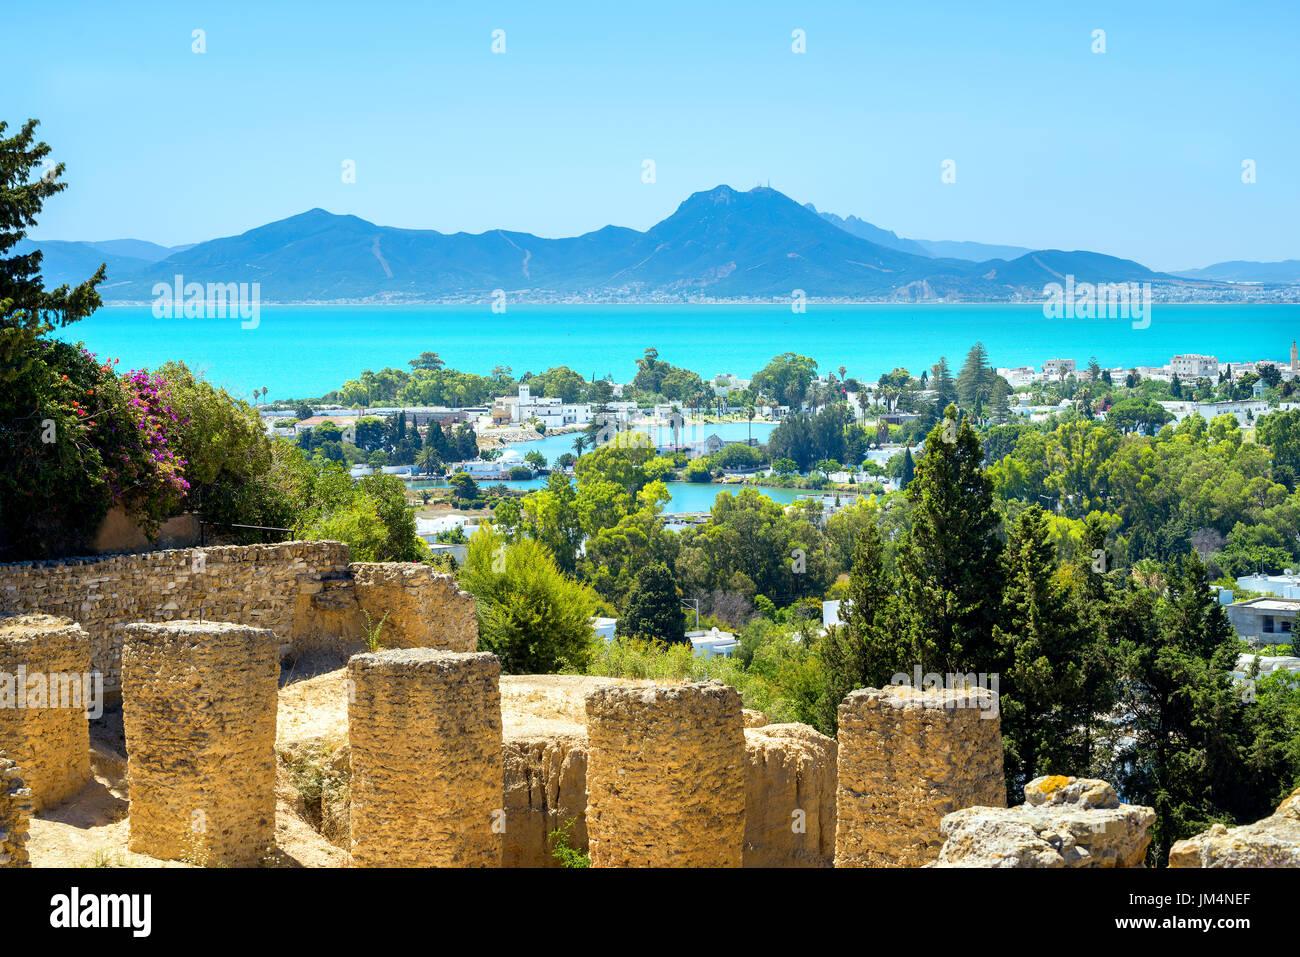 Landschaft mit antiken Ruinen von Karthago. Tunis, Tunesien, Afrika Stockbild